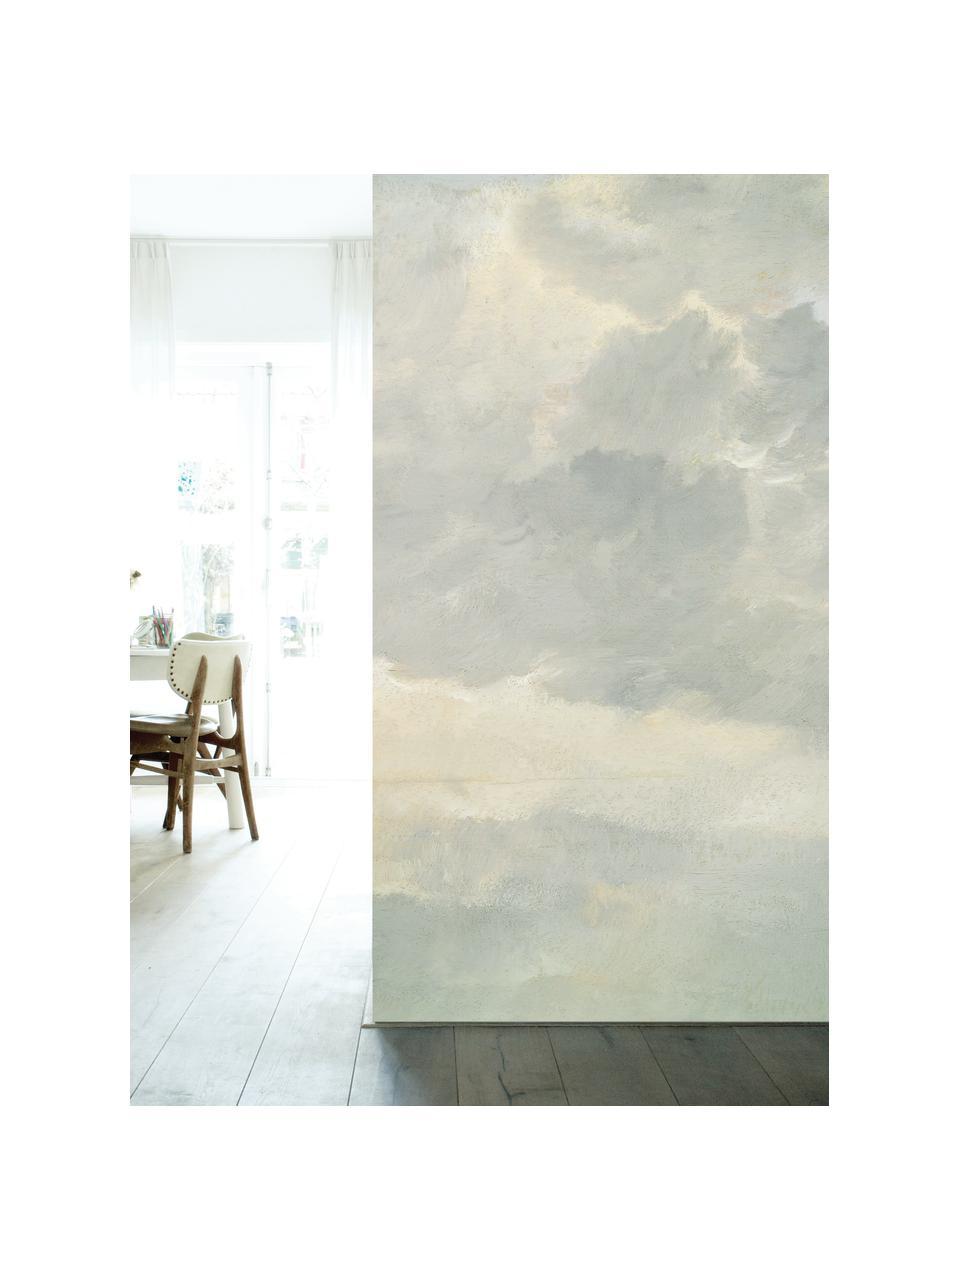 Fototapeta Golden Age Clouds, Włóknina, przyjazna dla środowiska i biodegradowalna, Szary, beżowy, matowy, S 292 x W 280 cm